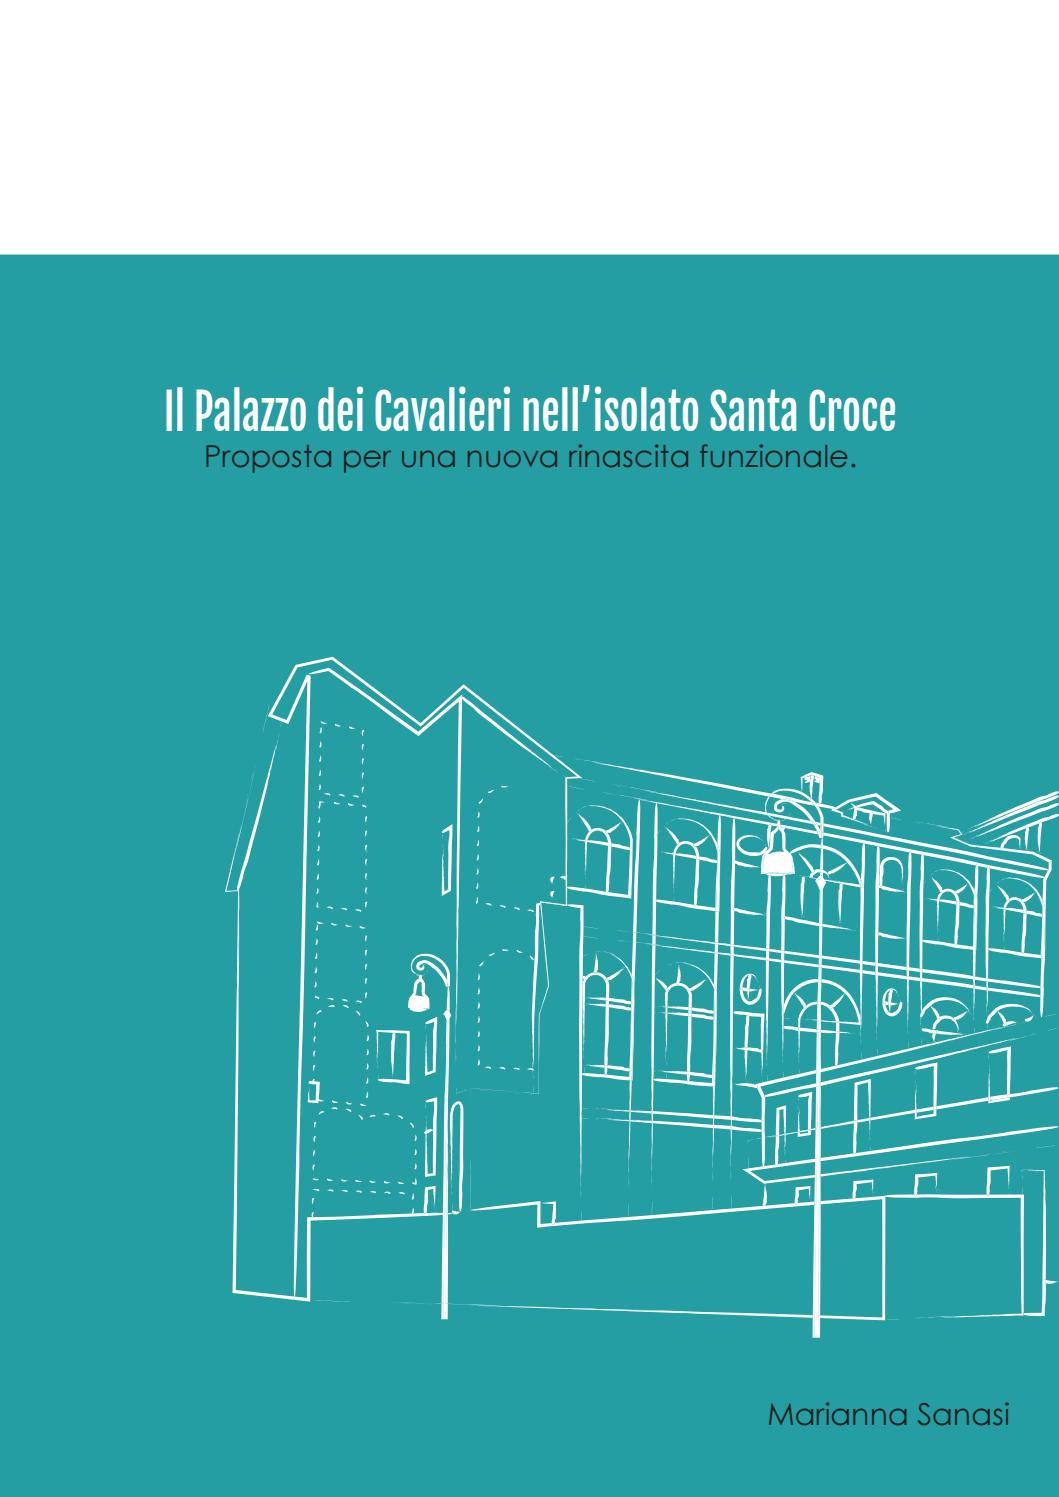 Calendario Cronologico Polito 2020.Il Palazzo Dei Cavalieri Nell Isolato Santa Croce Proposta